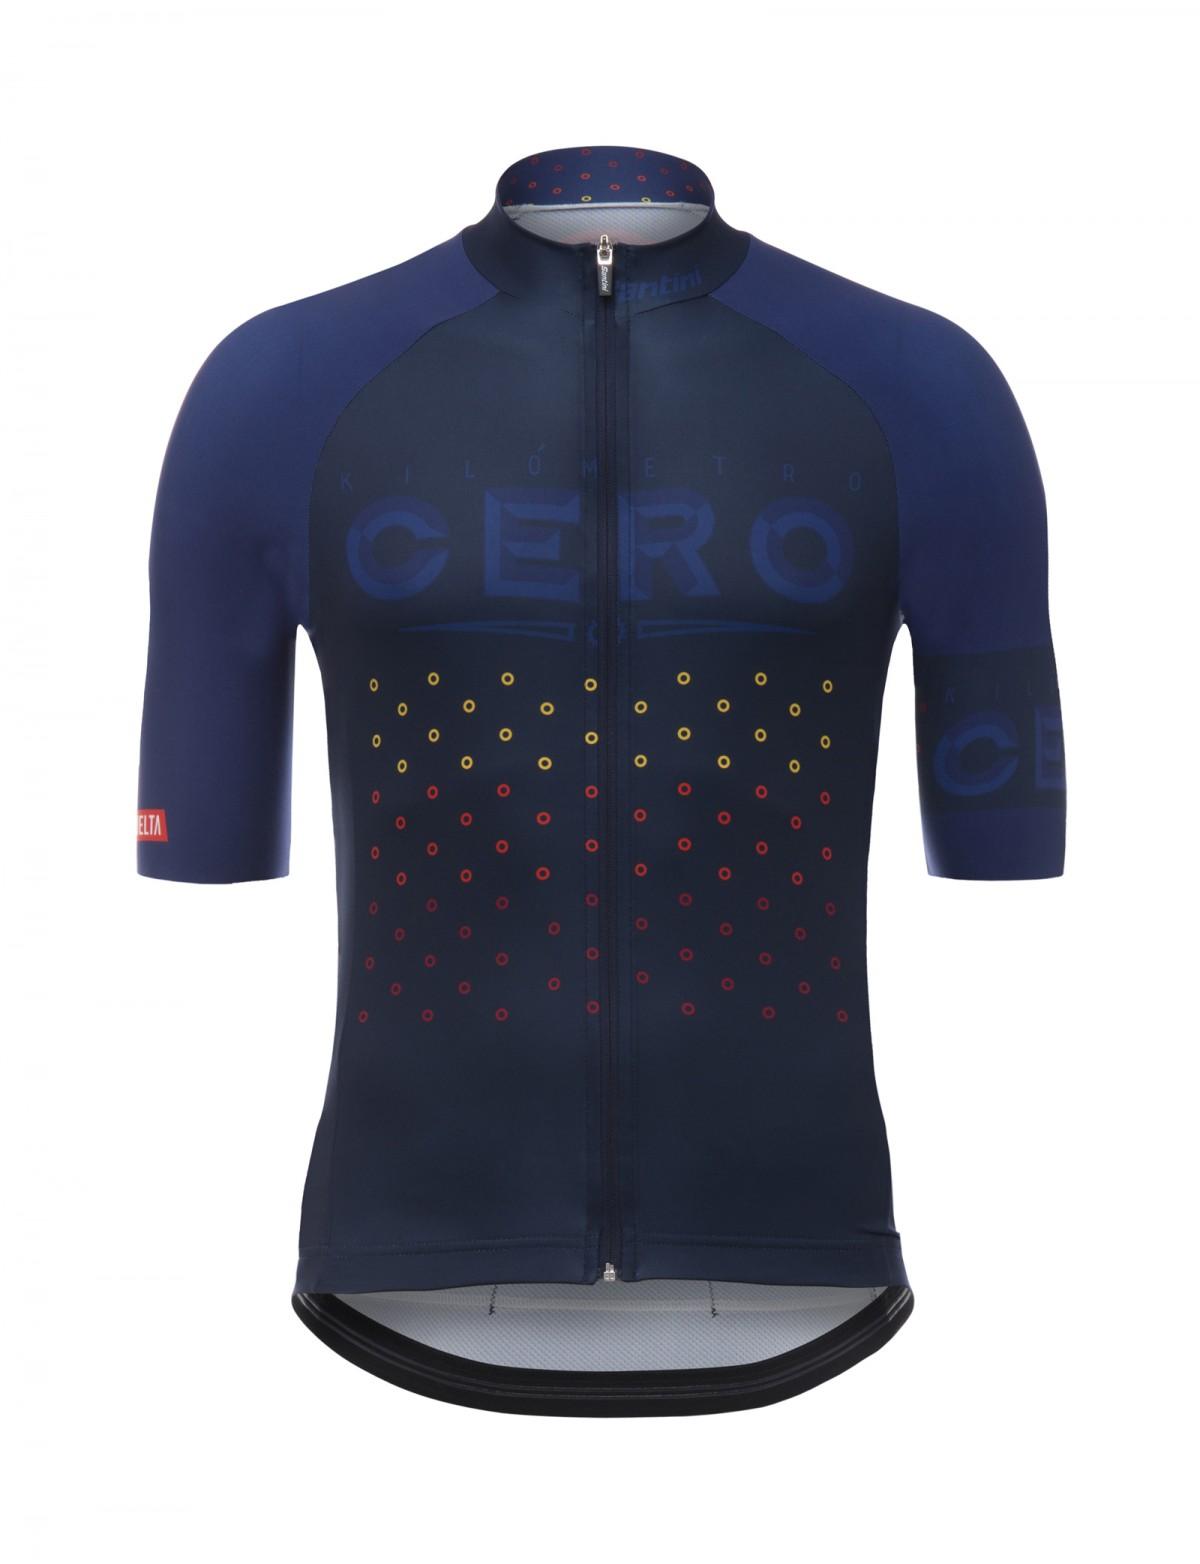 Vuelta maglia cero